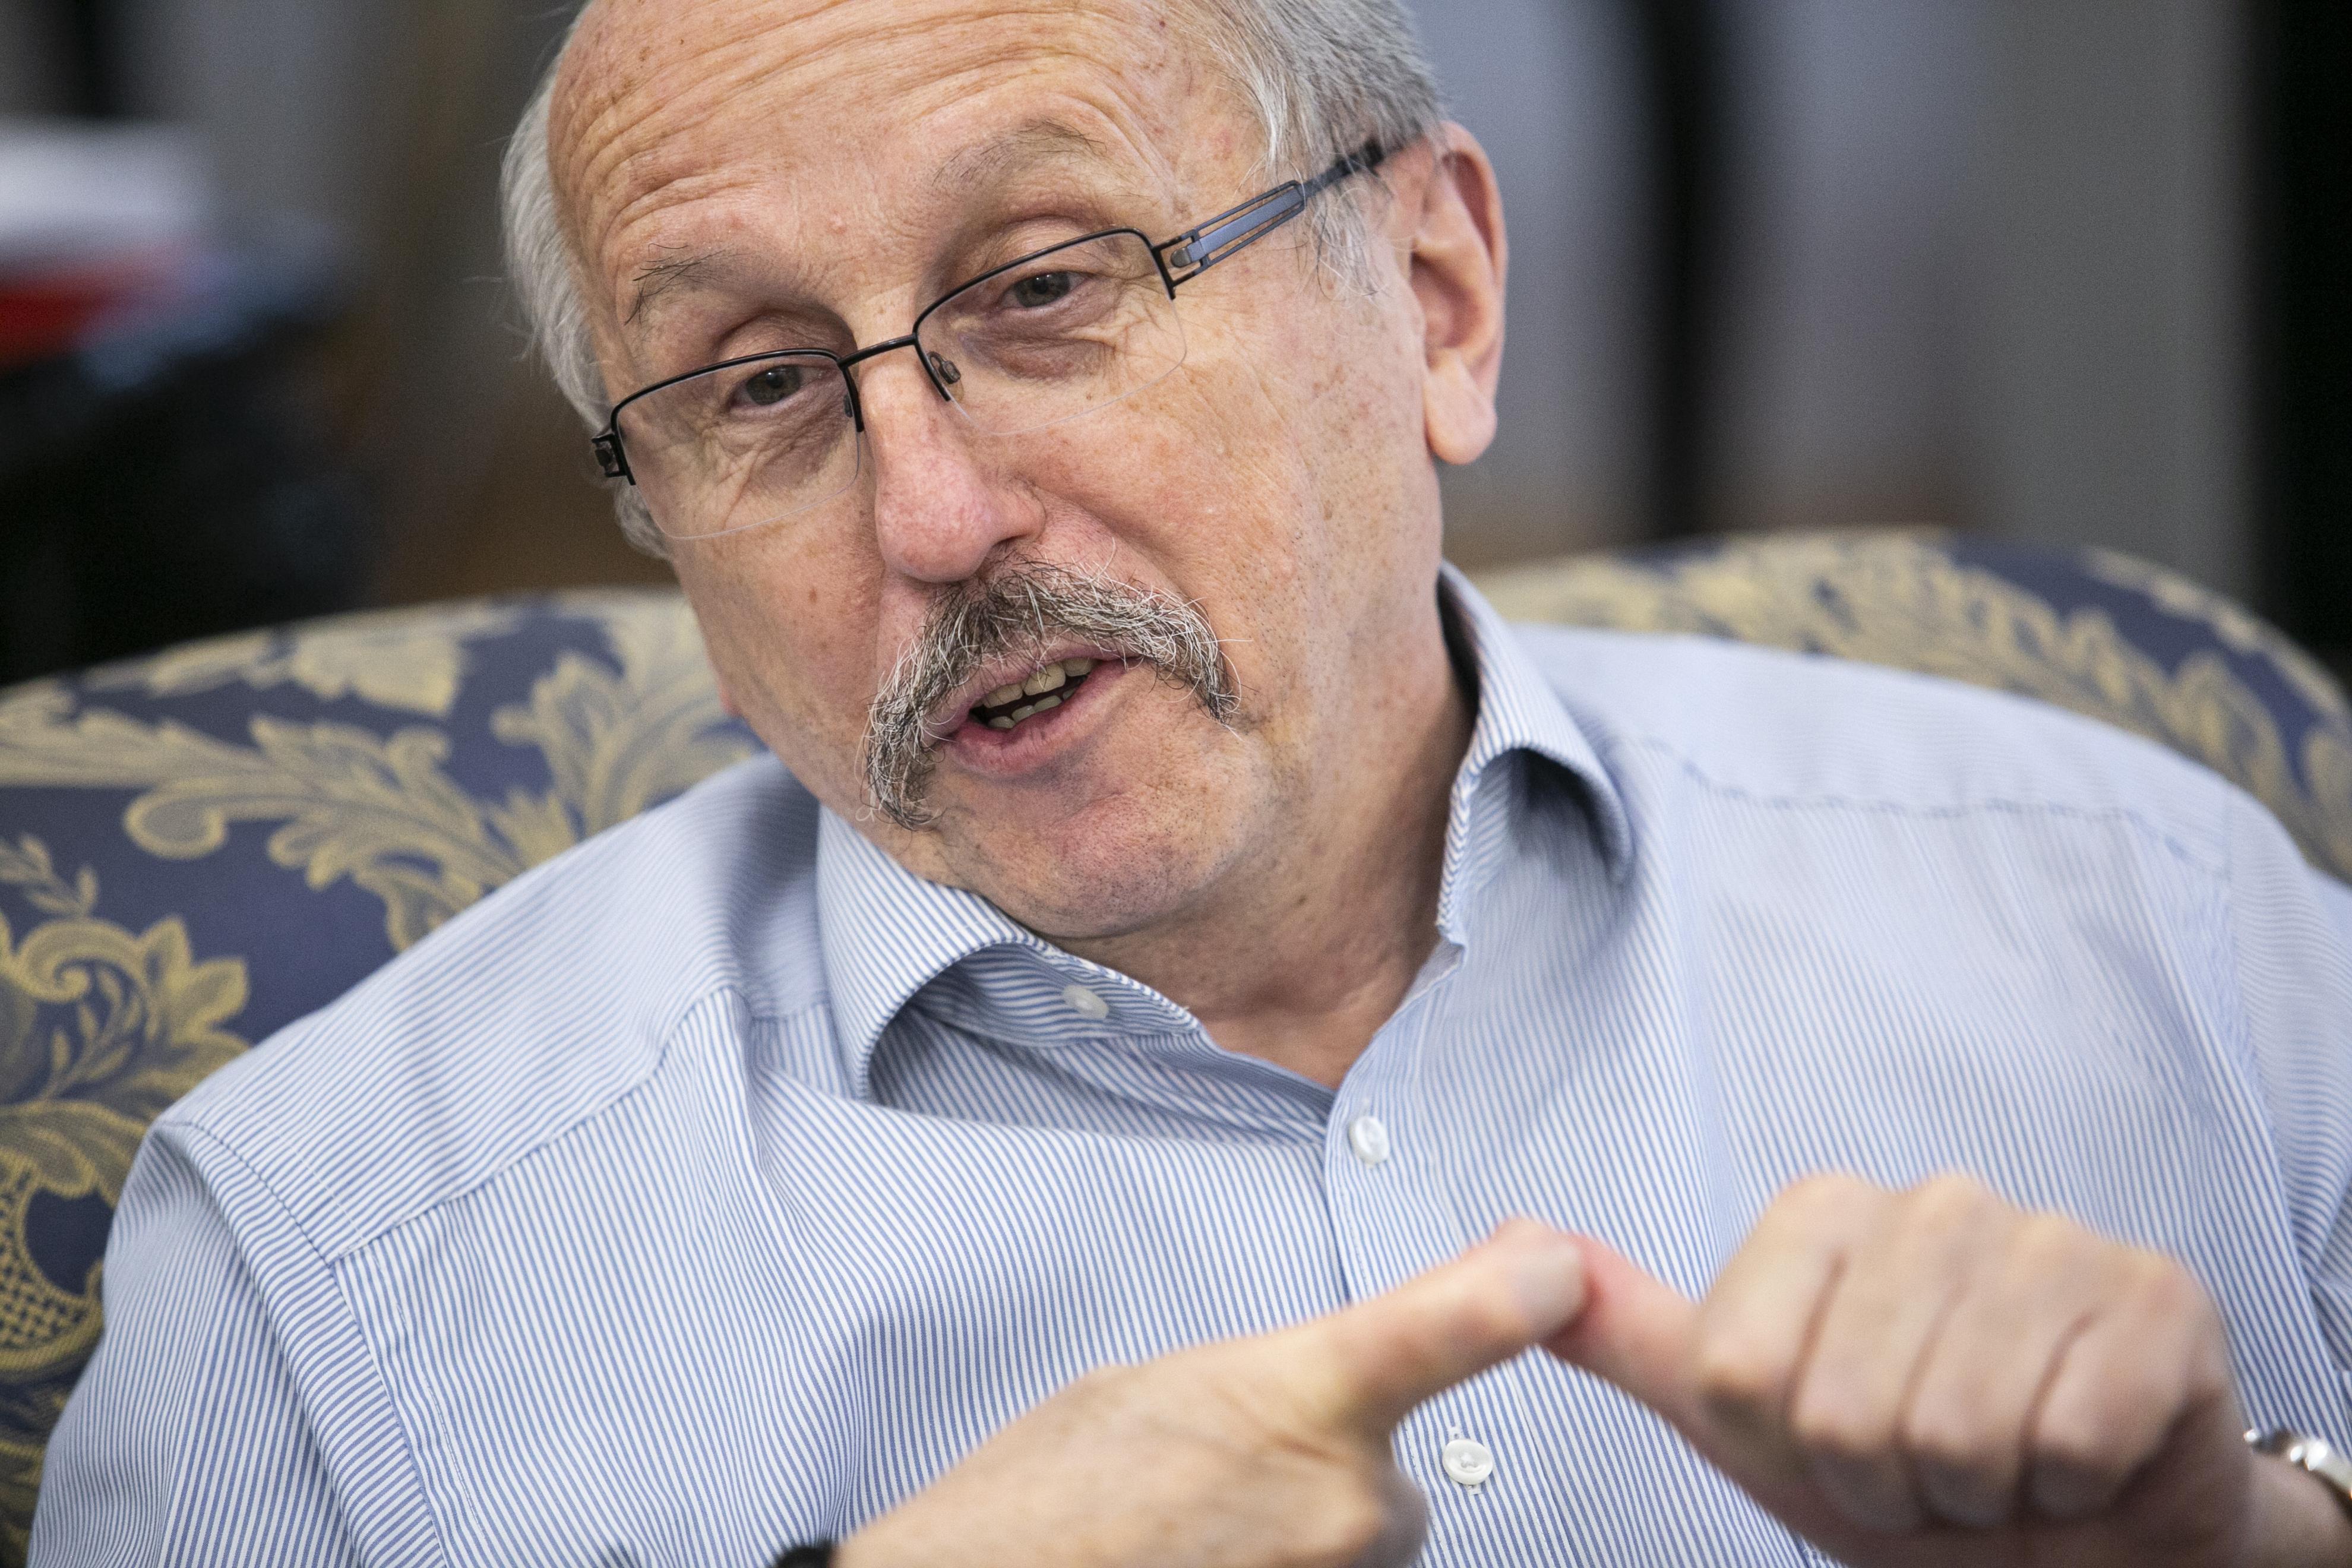 Niedermüller elnézést kért a taxisokról lapunknak mondott mondatáért